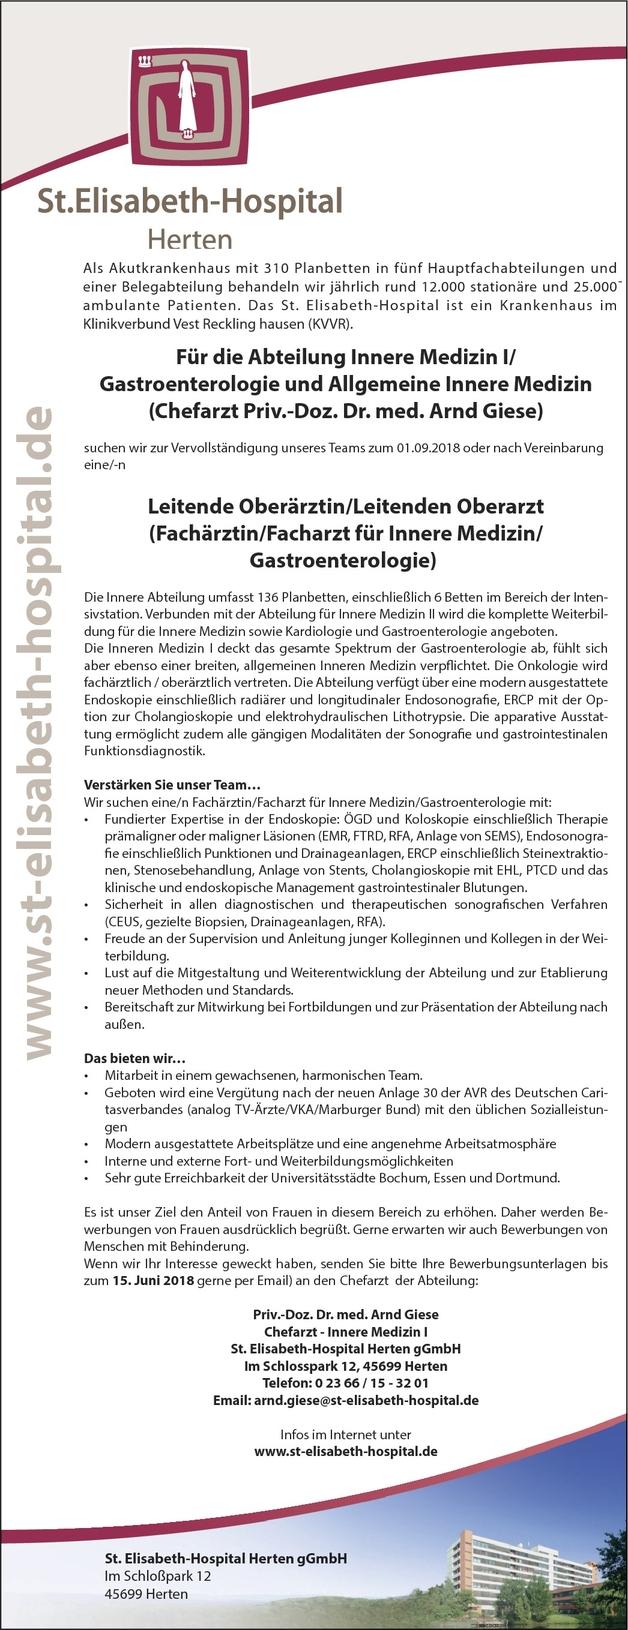 Facharzt/-ärztin Innere Medizin und Gastroenterologie